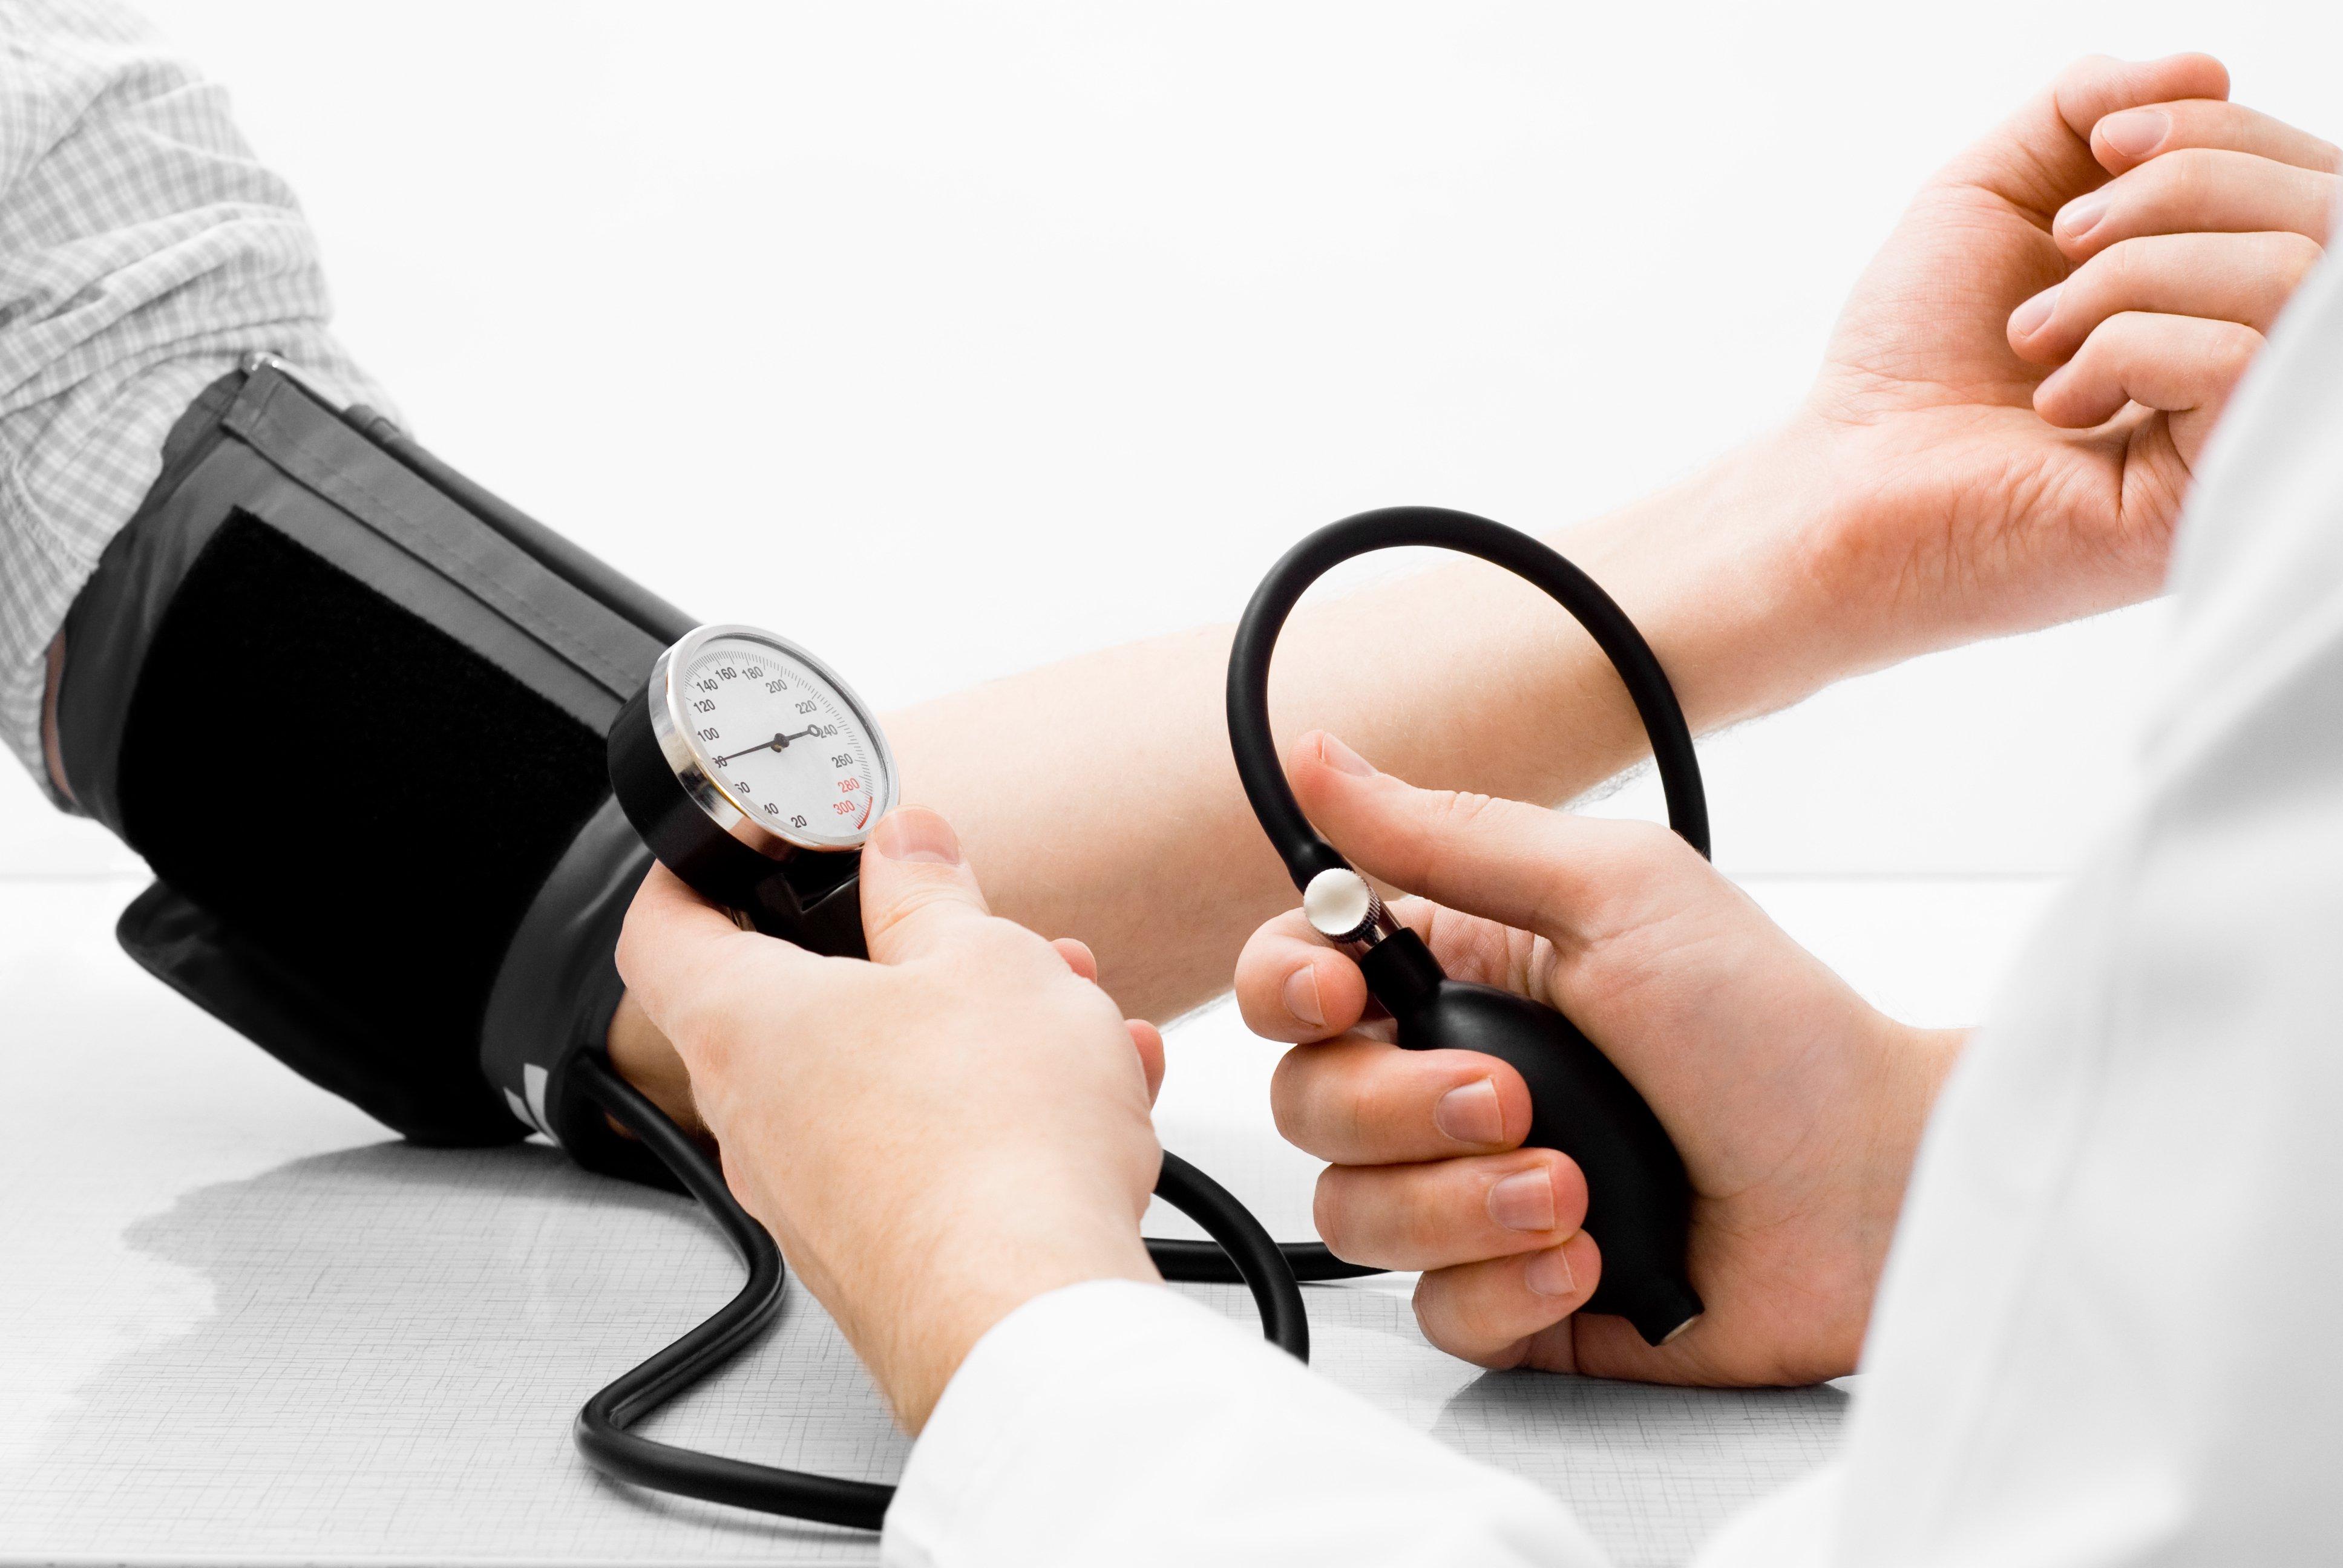 لماذا يرتفع ضغط الدم